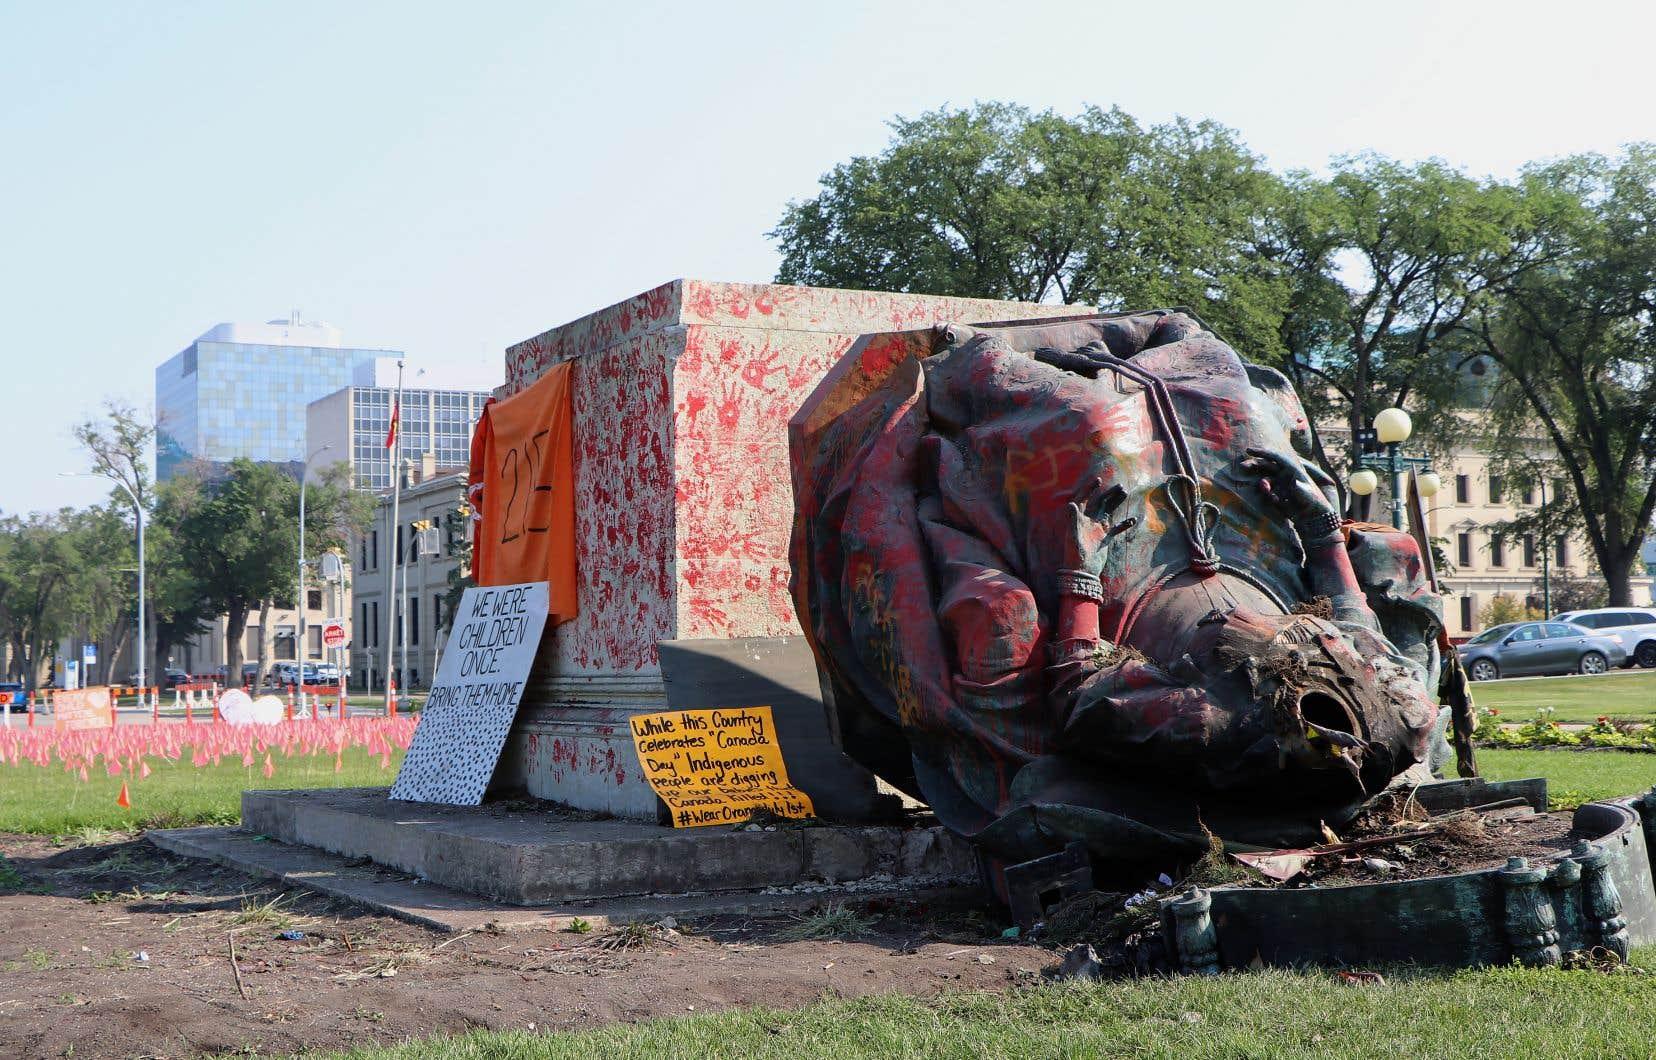 La statue de la reine Victoria, une importante structure située non loin de l'Assemblée législative du Manitoba, a été décapitée et aspergée de peinture rouge.